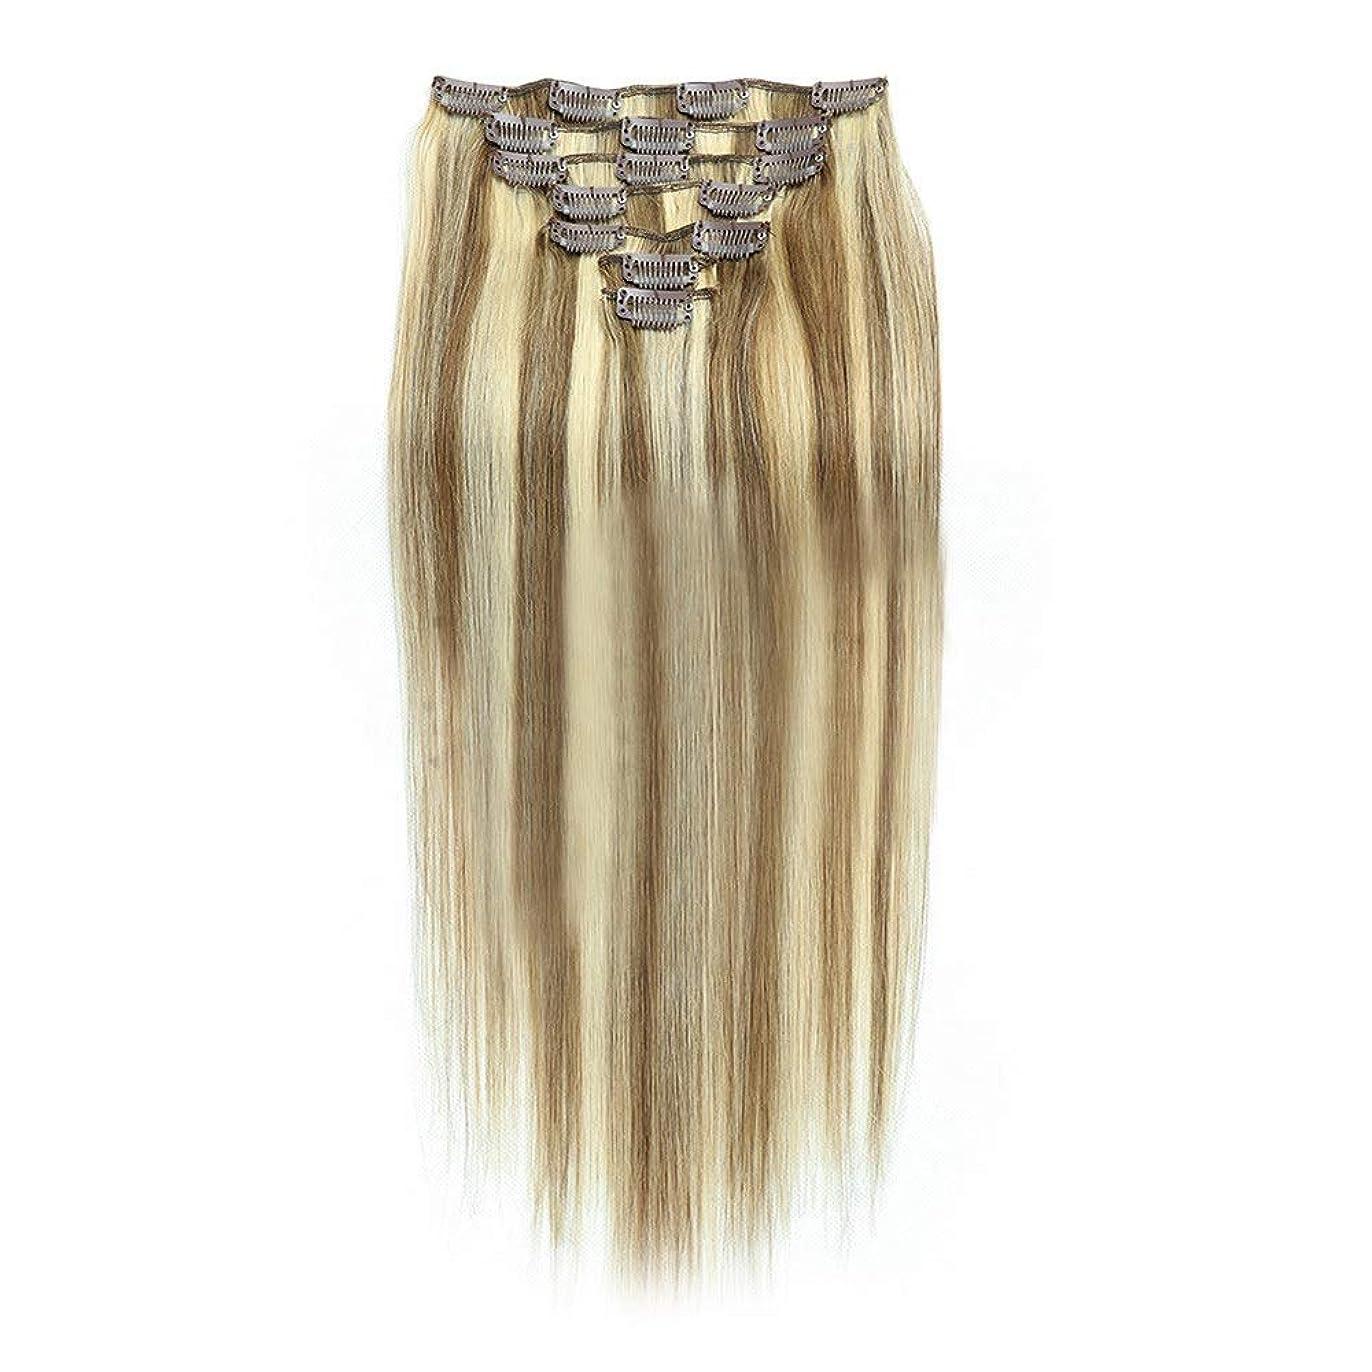 費やす耐久ボーダーHOHYLLYA 20インチクリップinヘアエクステンション人間の髪の毛の色#8/613アッシュブロンドミックスブラウン7個ロールプレイングかつら女性のかつら (色 : #8/613)